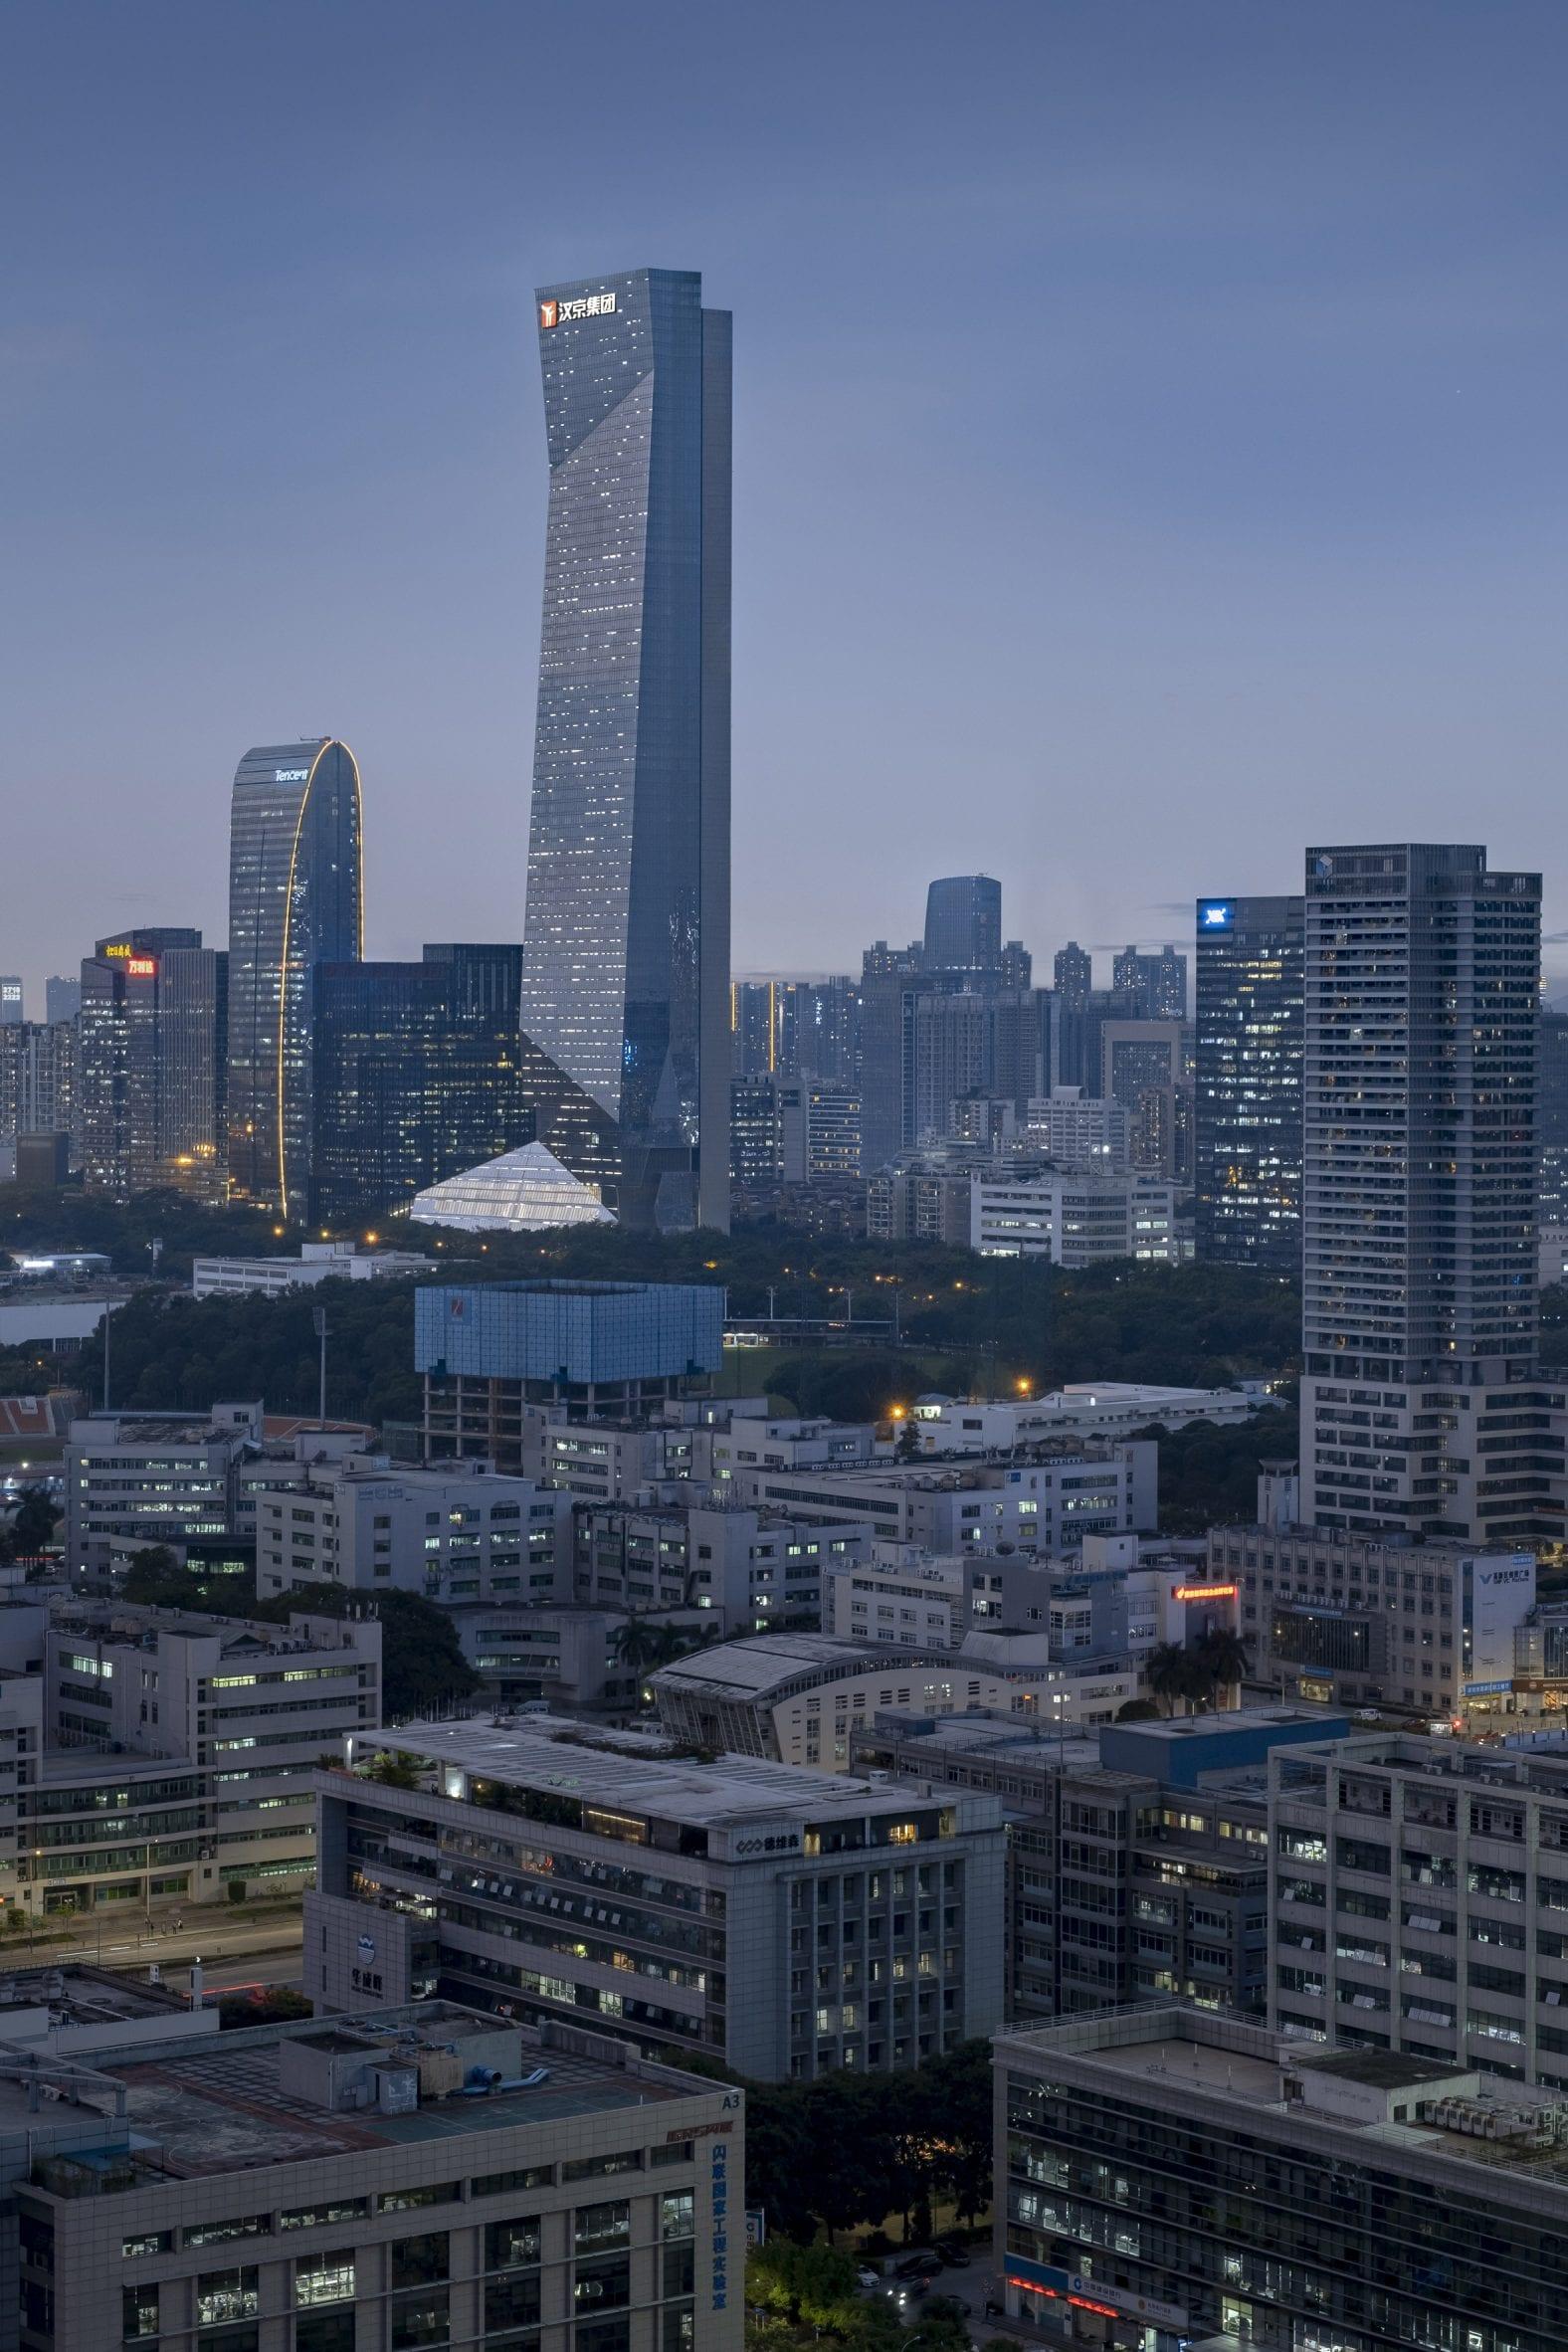 Hanking Center supertall skyscraper in Shenzhen